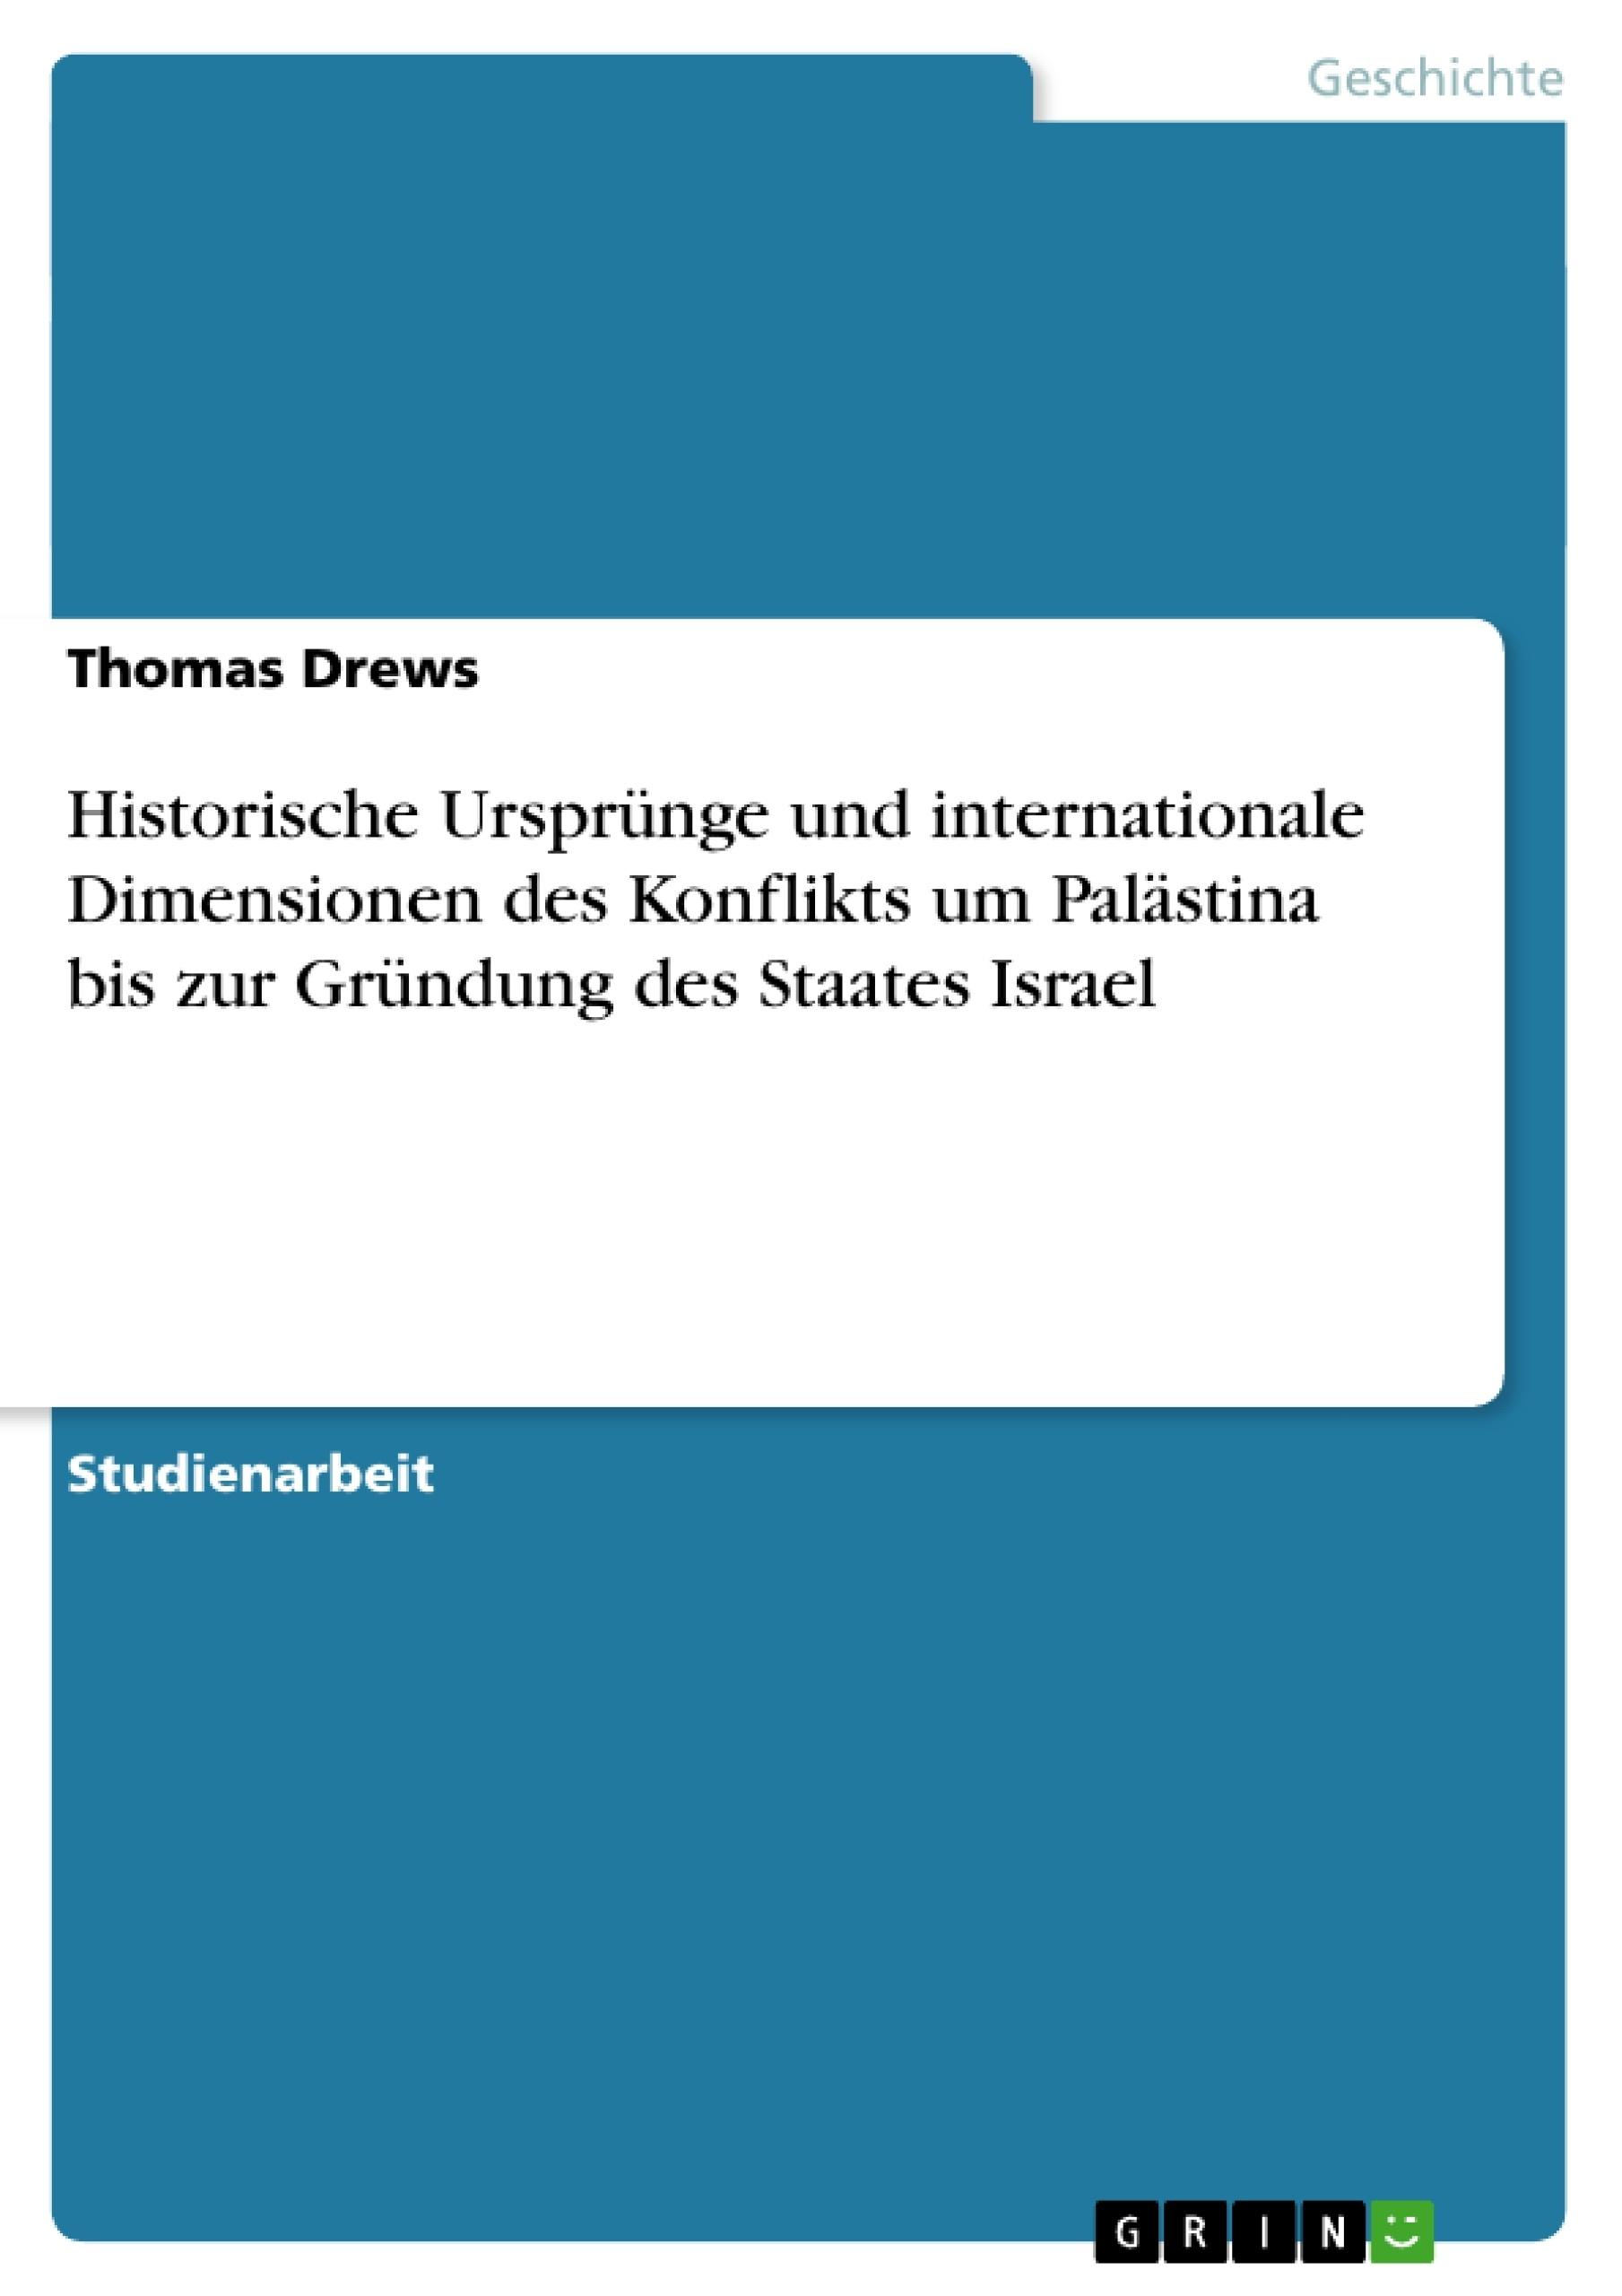 Titel: Historische Ursprünge und internationale Dimensionen des Konflikts um Palästina bis zur Gründung des Staates Israel